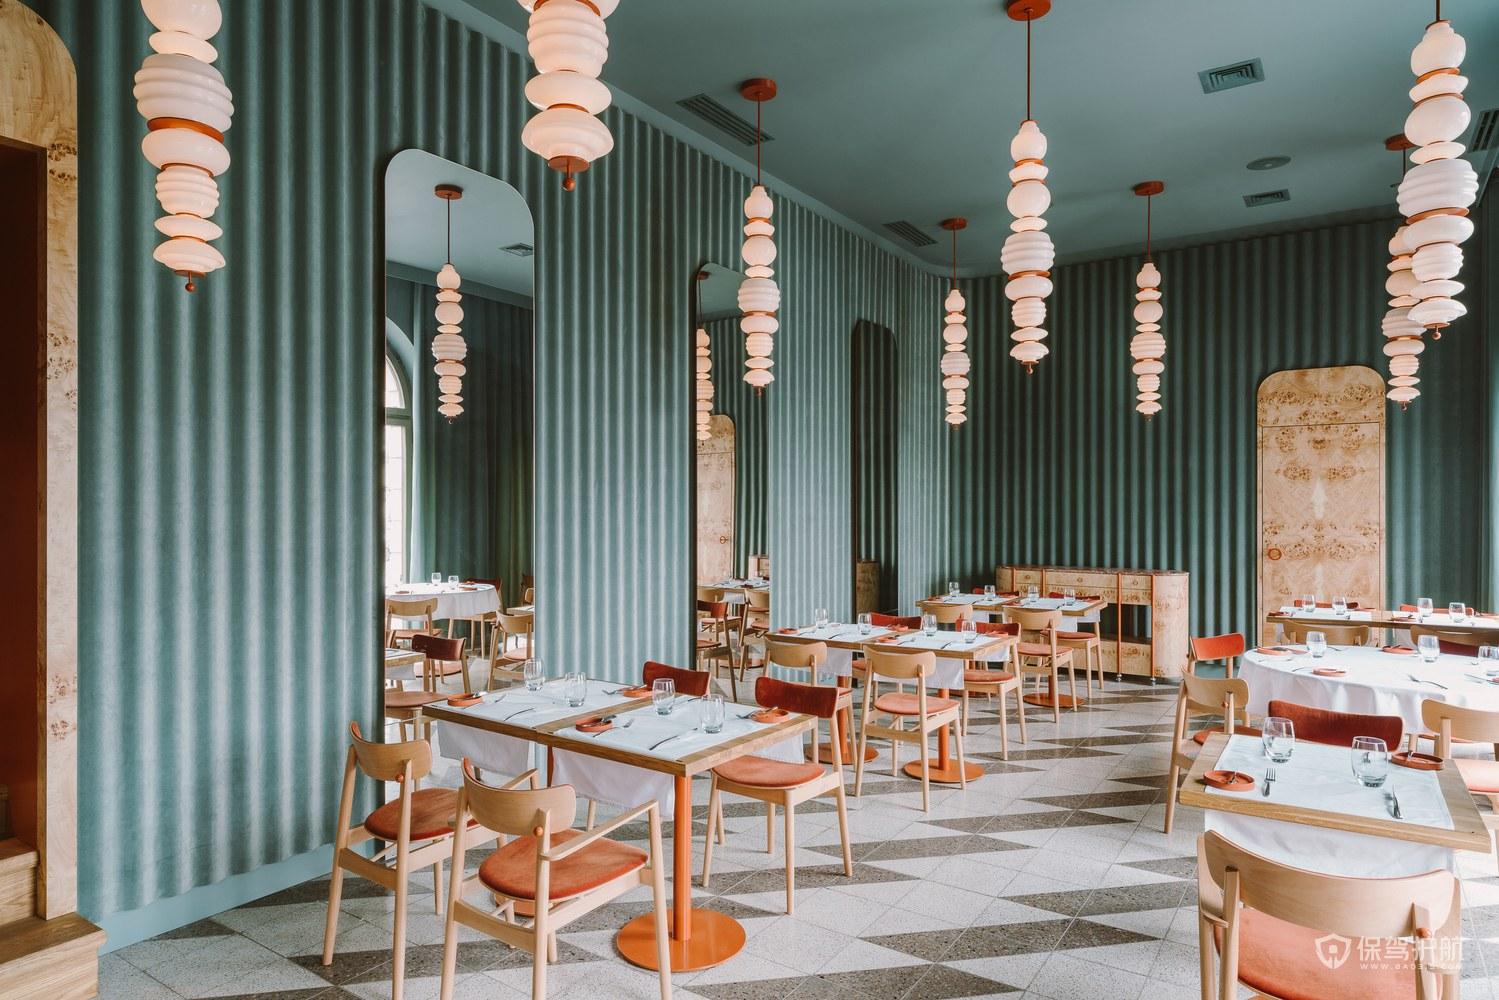 浪漫情調西餐廳裝修效果圖